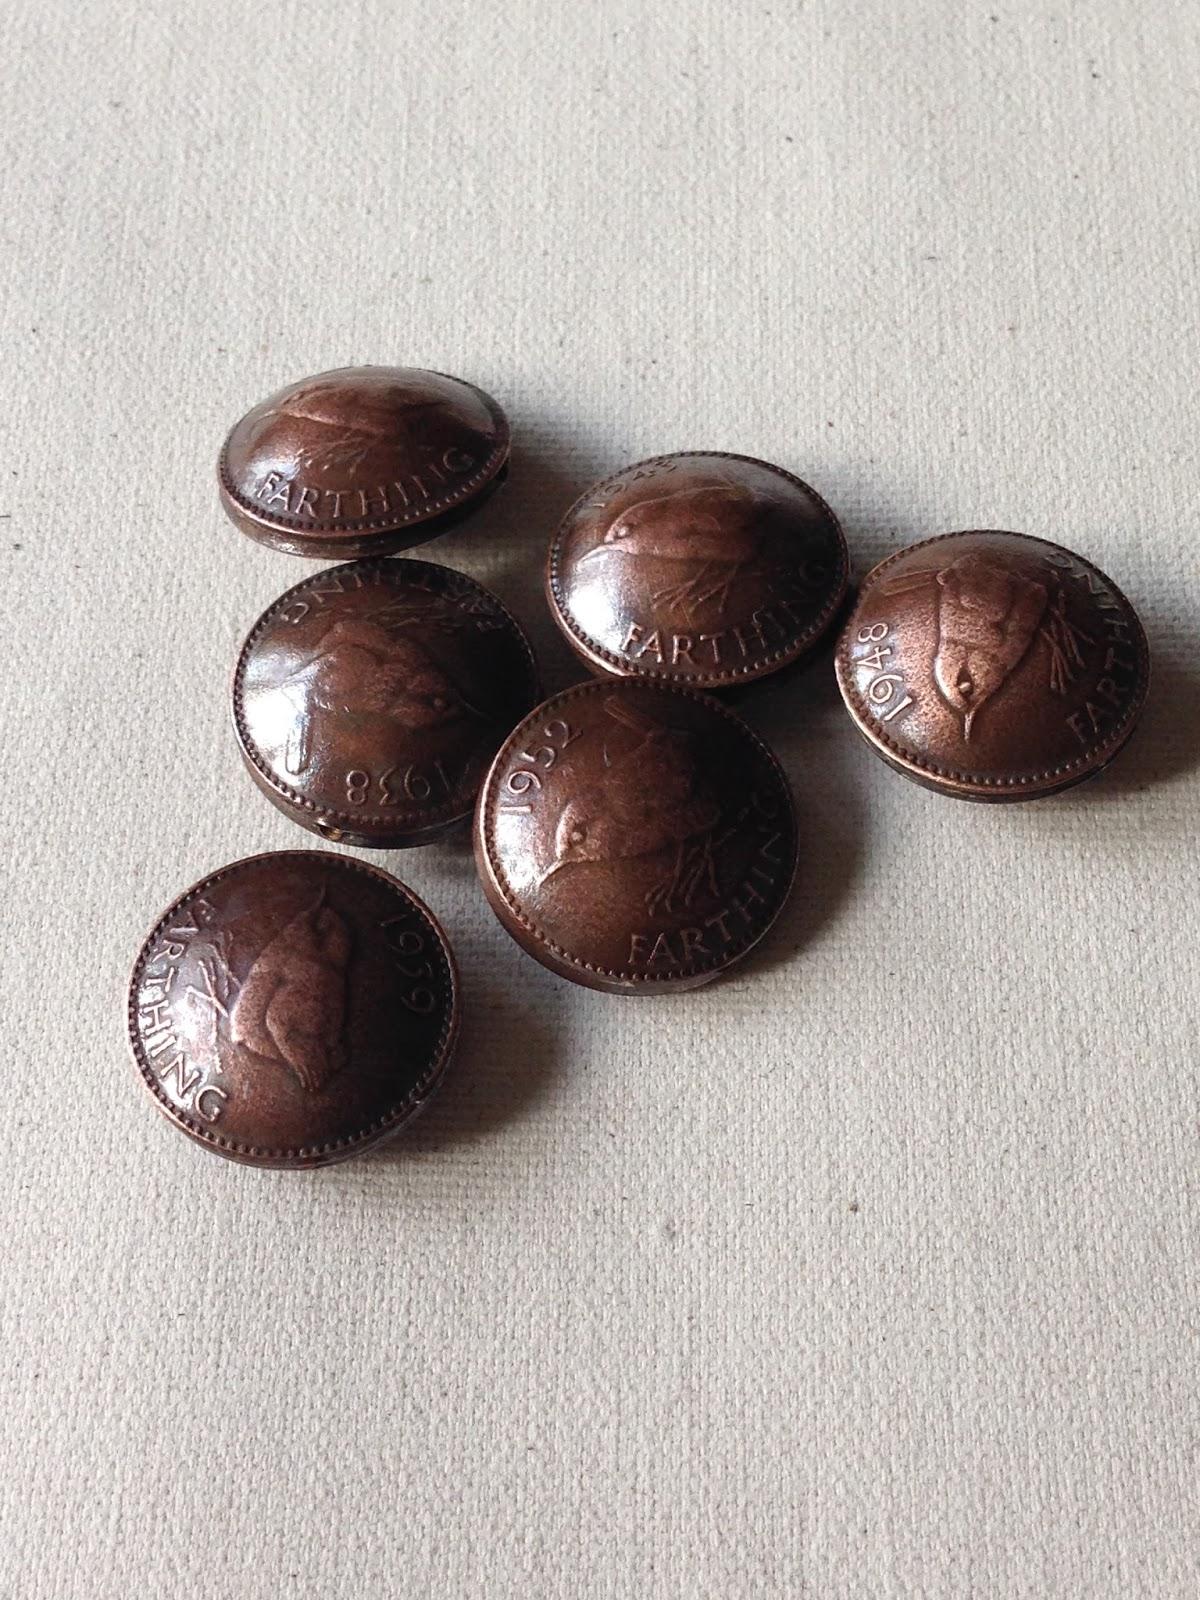 Coin bead